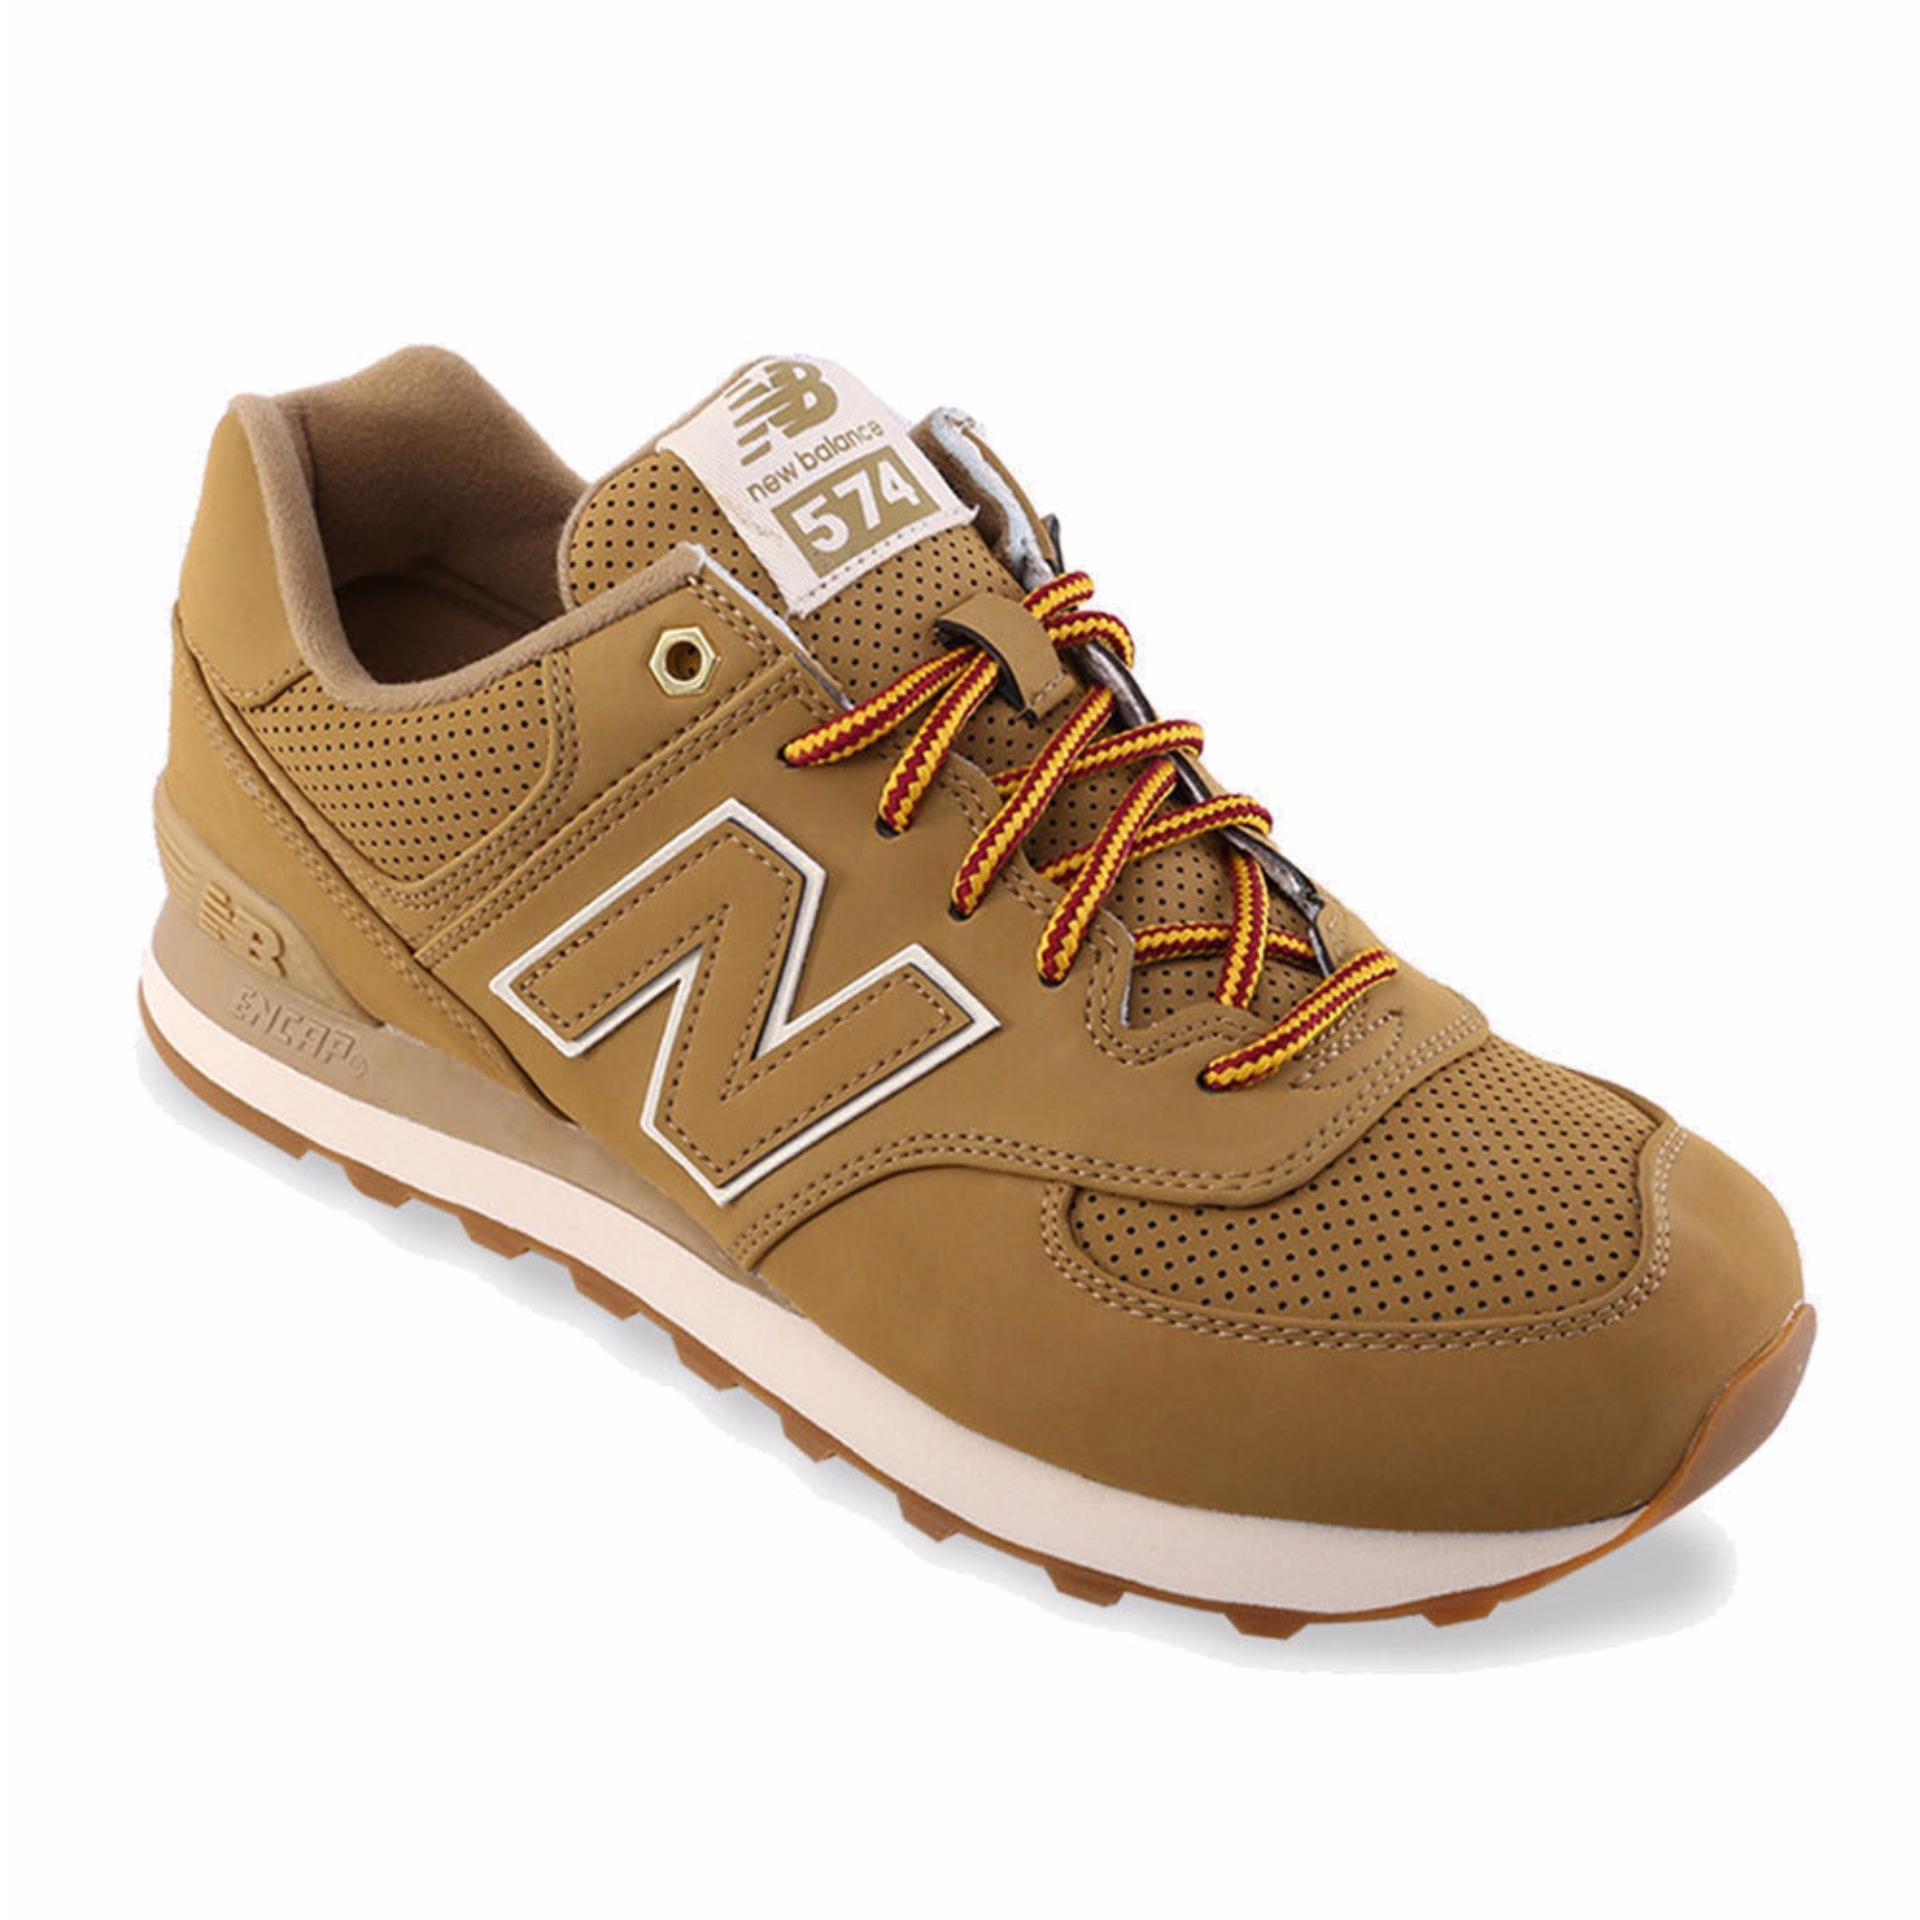 Beli New Balance 574 Heritage Sneakers Pria Coklat New Balance Dengan Harga Terjangkau